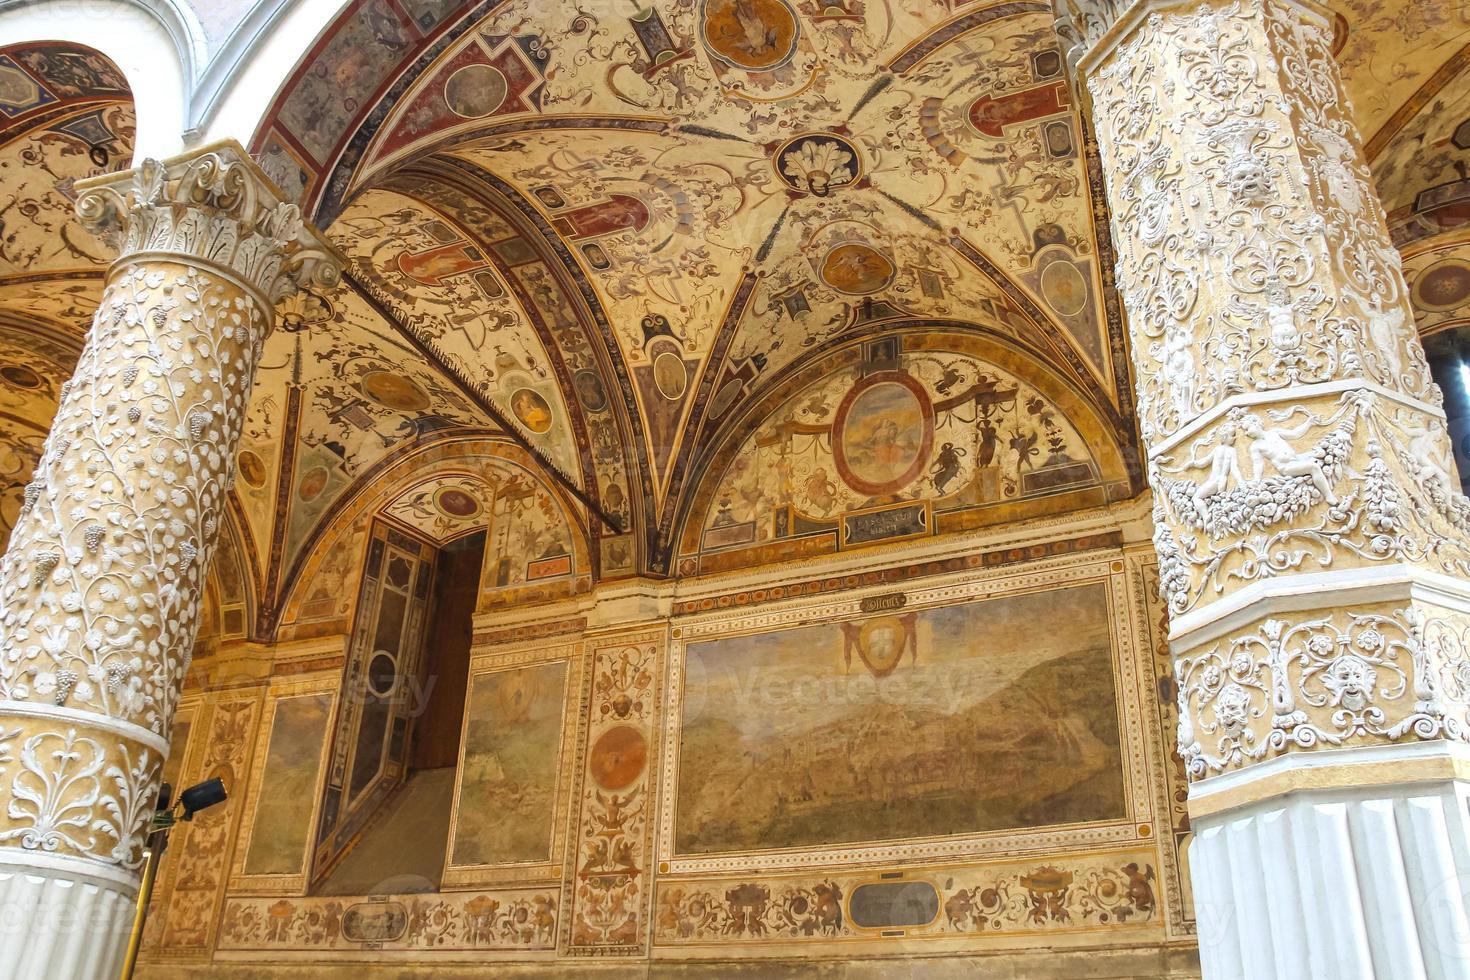 Fresken schmücken den Innenhof Palazzo Vecchio. Florenz foto